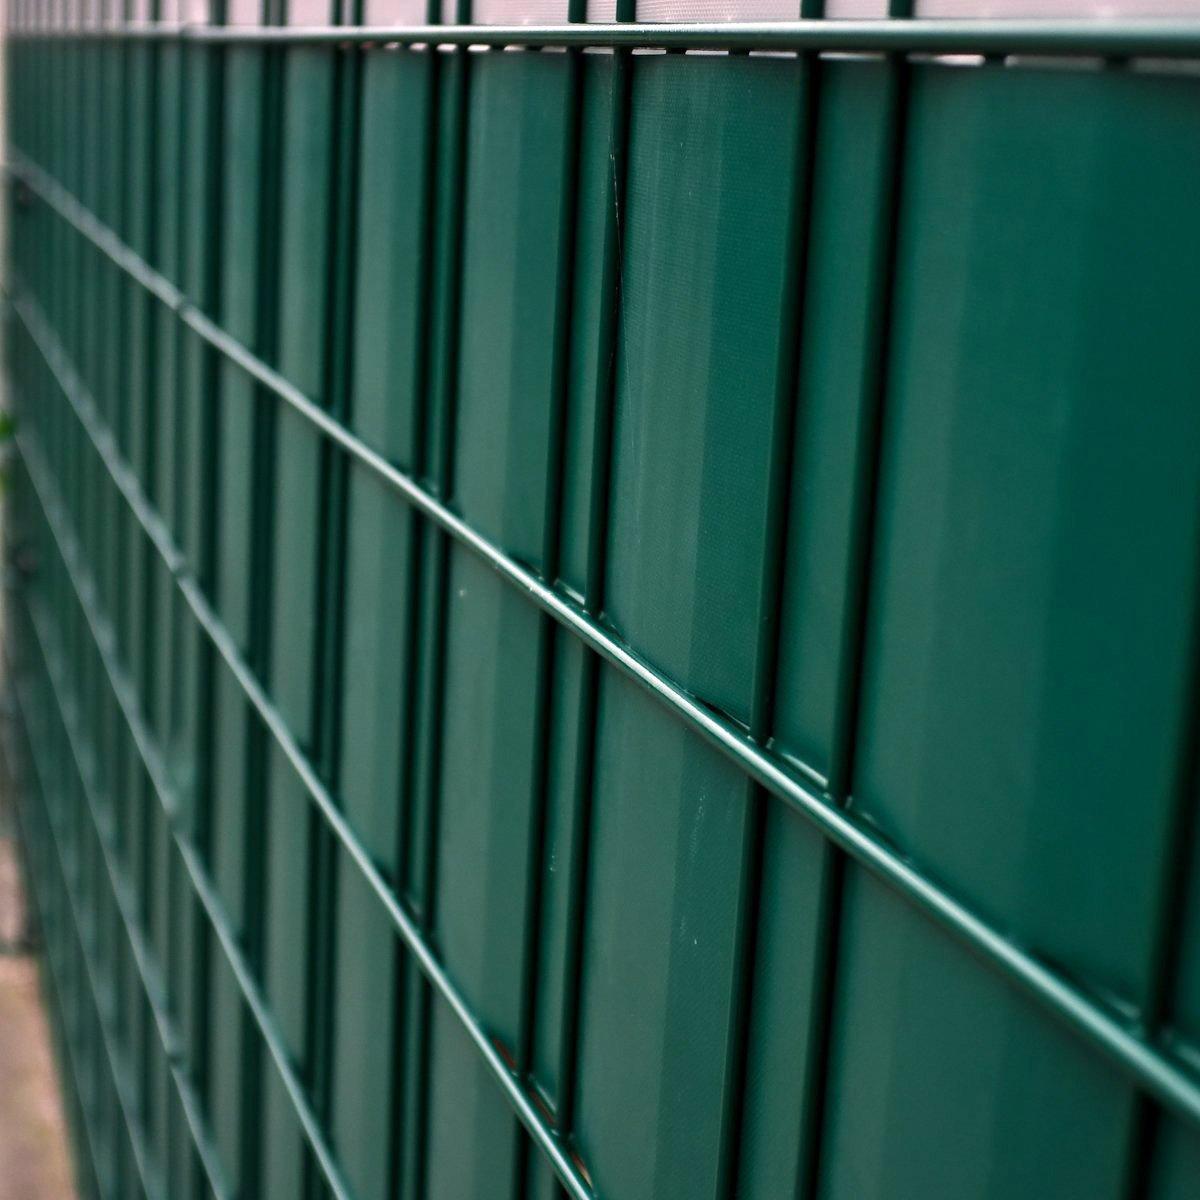 70m Sichtschutz Rolle anthrazit RAL 7016, Materialstärke 0,7 kg kg kg m², inkl. 40 Kunststoff-Clips, Rollenbreite 19cm, für Gartenzäune, EIN- oder Doppelstabmatten-Zäune mit Maschenhöhe 20 cm, Model 6562 3a2040